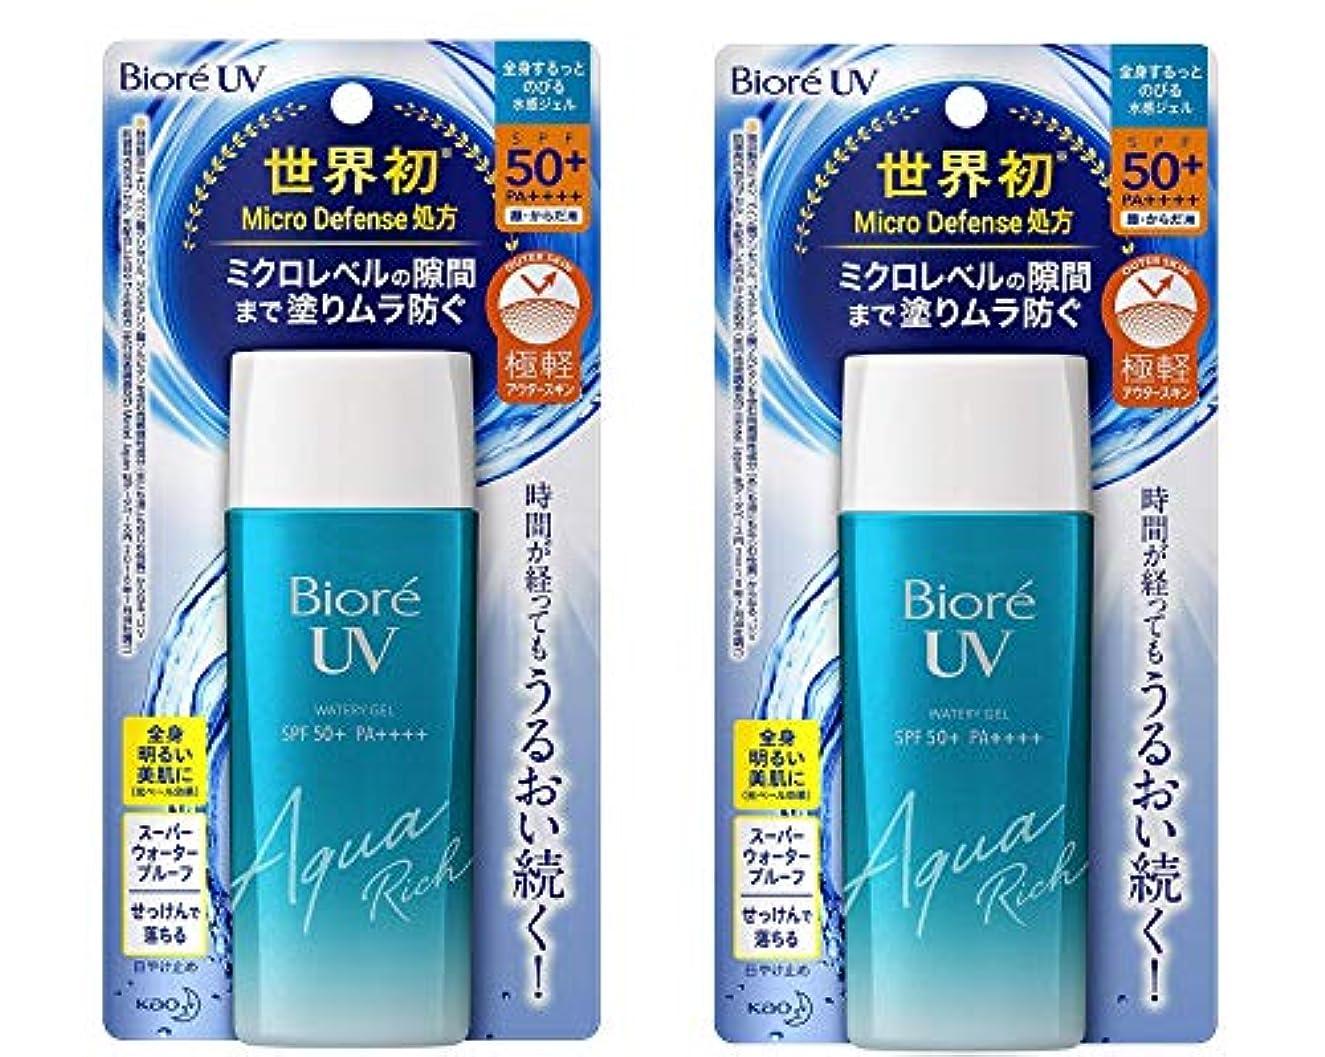 病気の仕えるフェード【まとめ販売2個セット】ビオレ UV アクアリッチ ウォータリージェル SPF50+